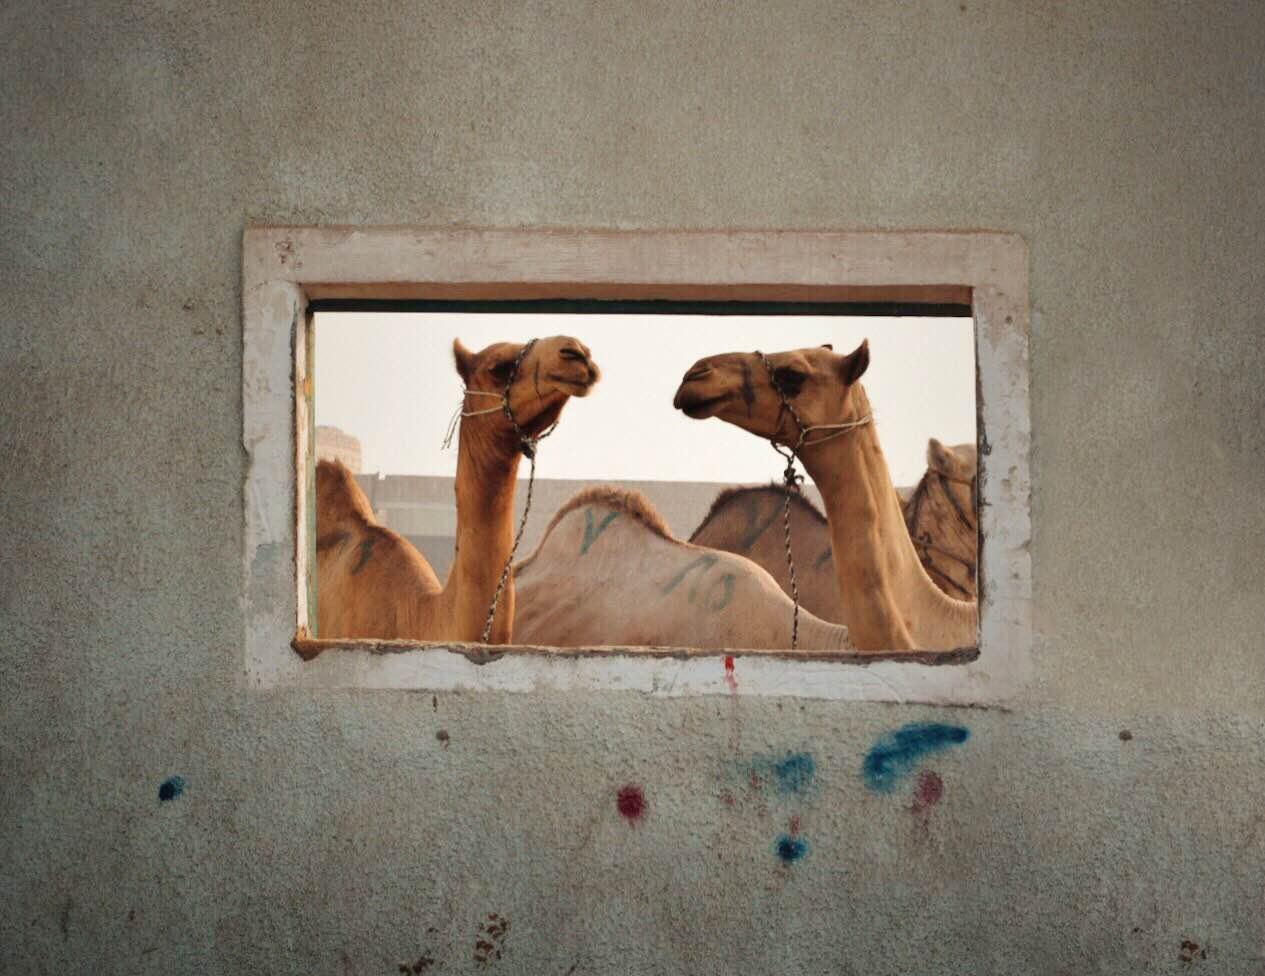 Photo: Mohammed Amer